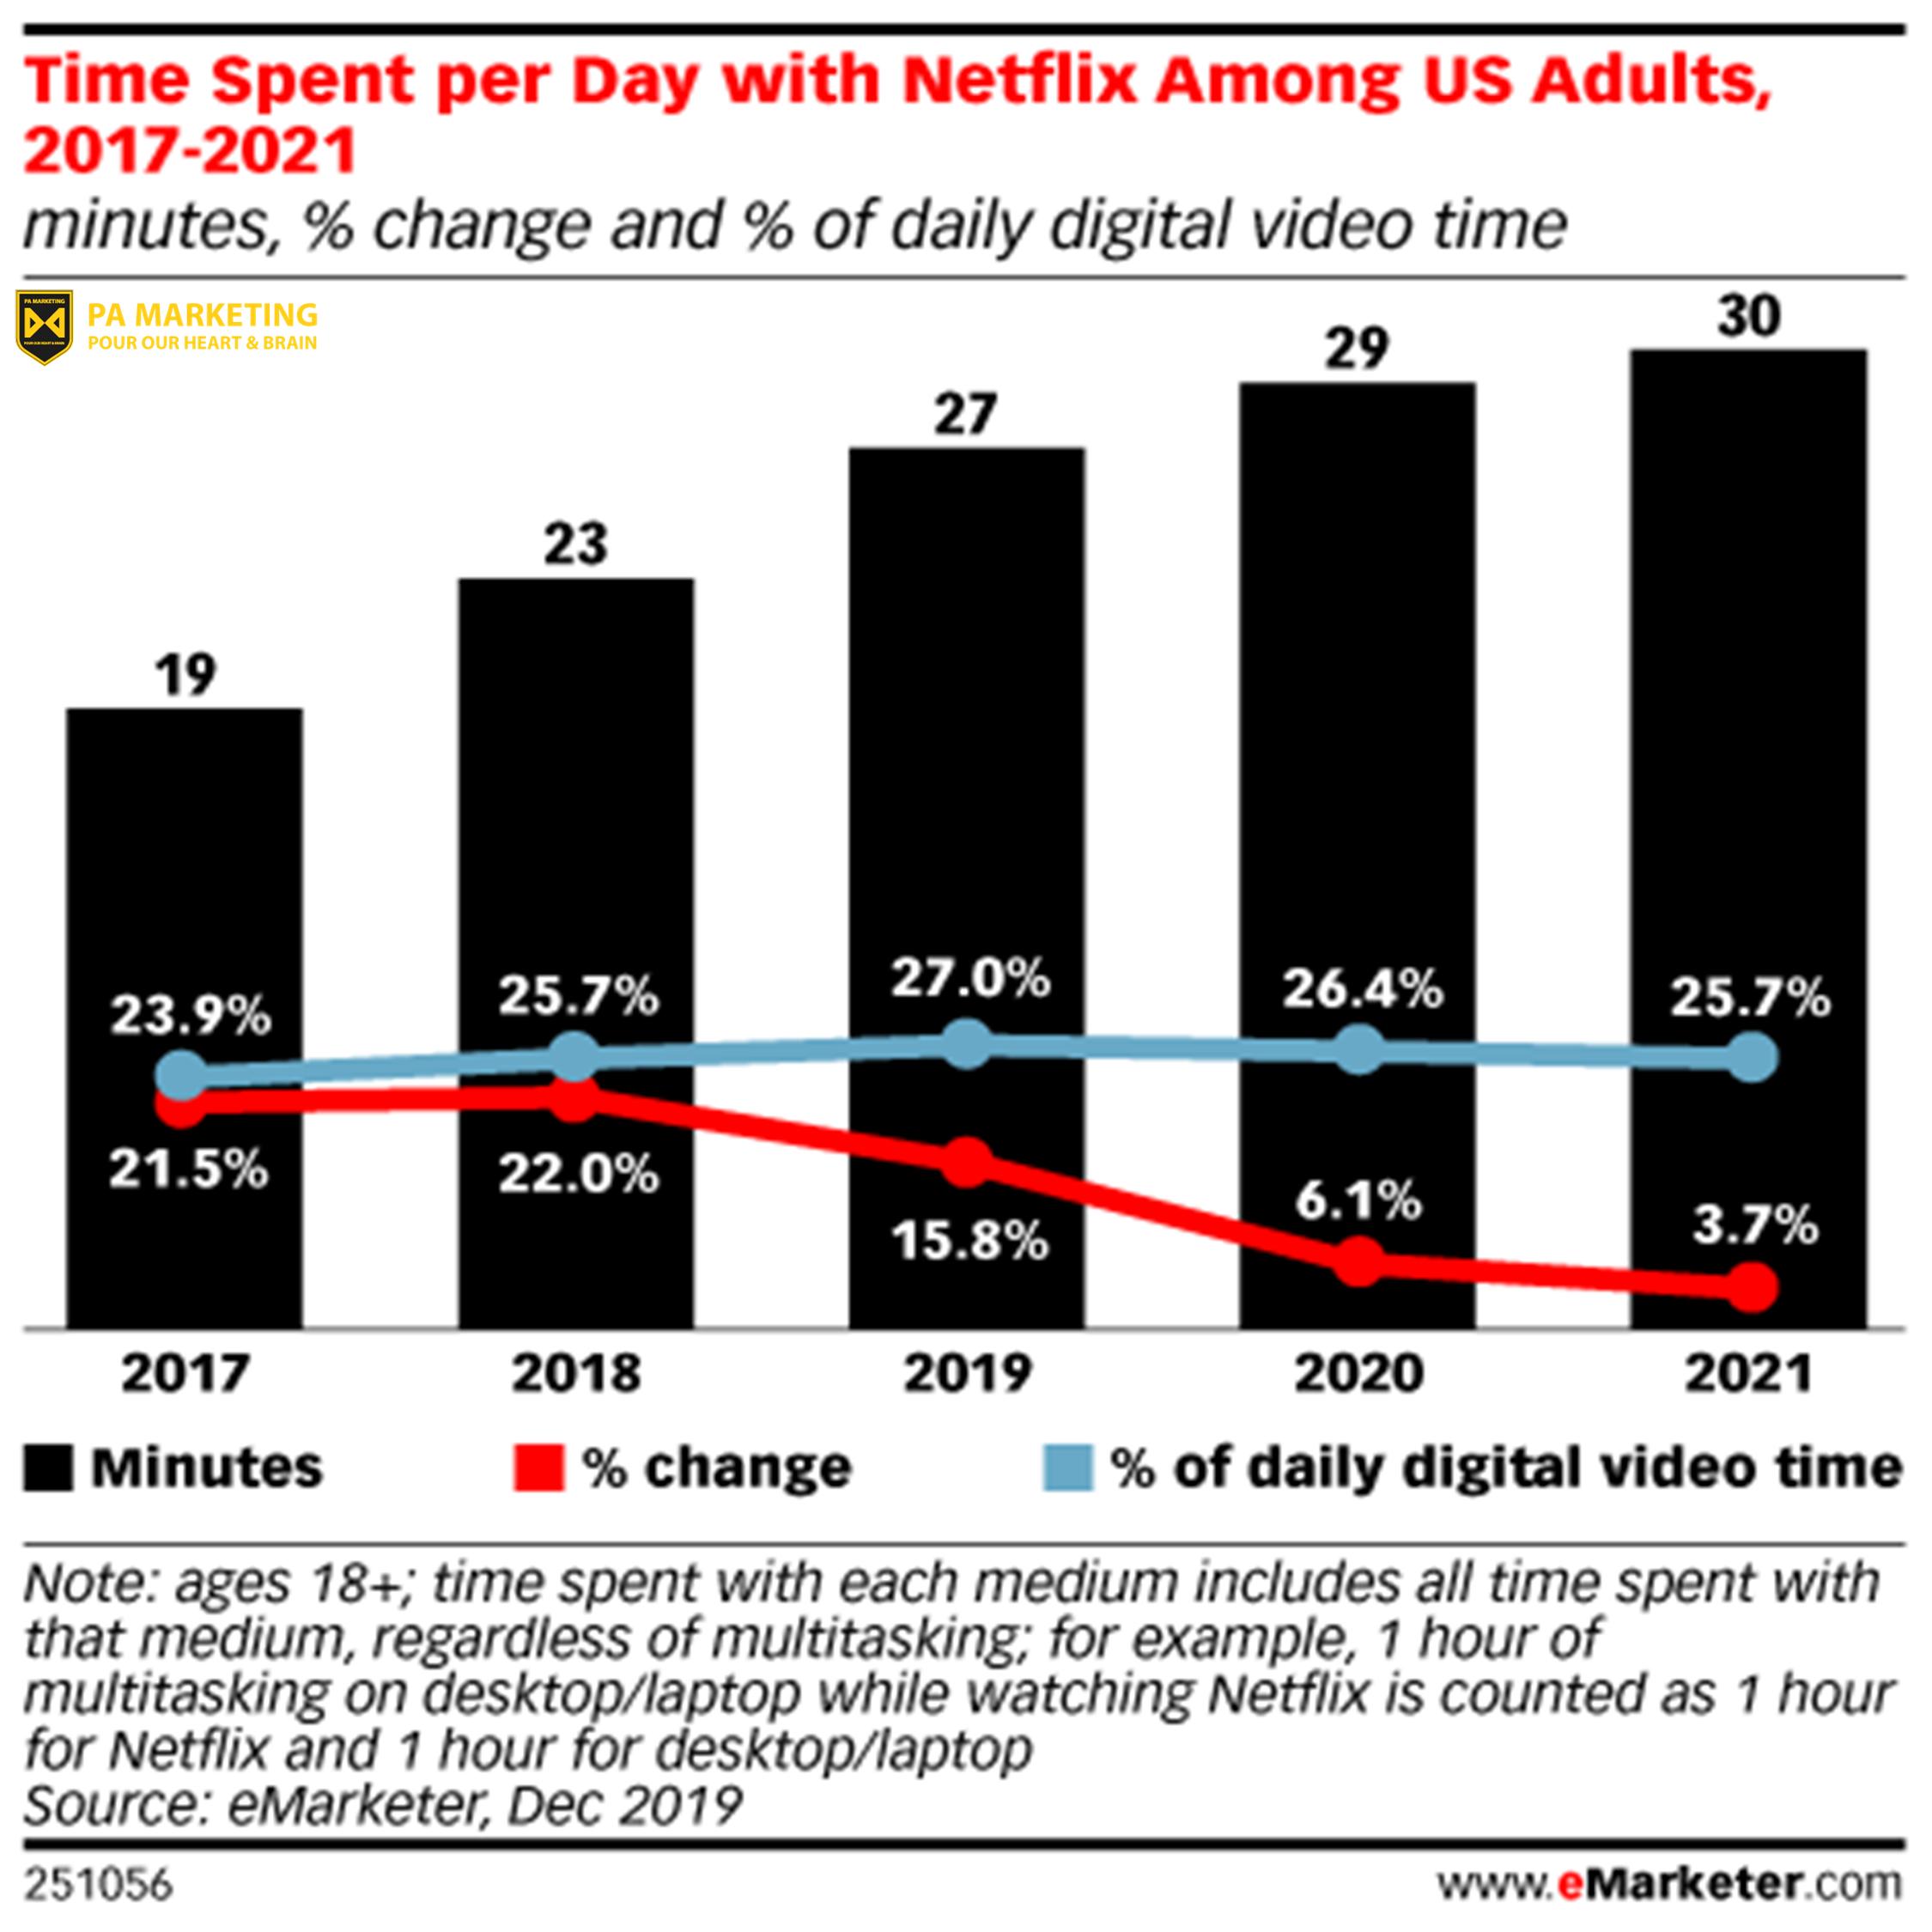 Thời gian mà mọi người dành cho Netflix mỗi ngày đang tăng lên — nhưng thị phần của Netflix hàng ngày tại Hoa Kỳ đạt đỉnh vào năm 2019 (27,0%) và sẽ giảm xuống 25,7% vào năm 2021.